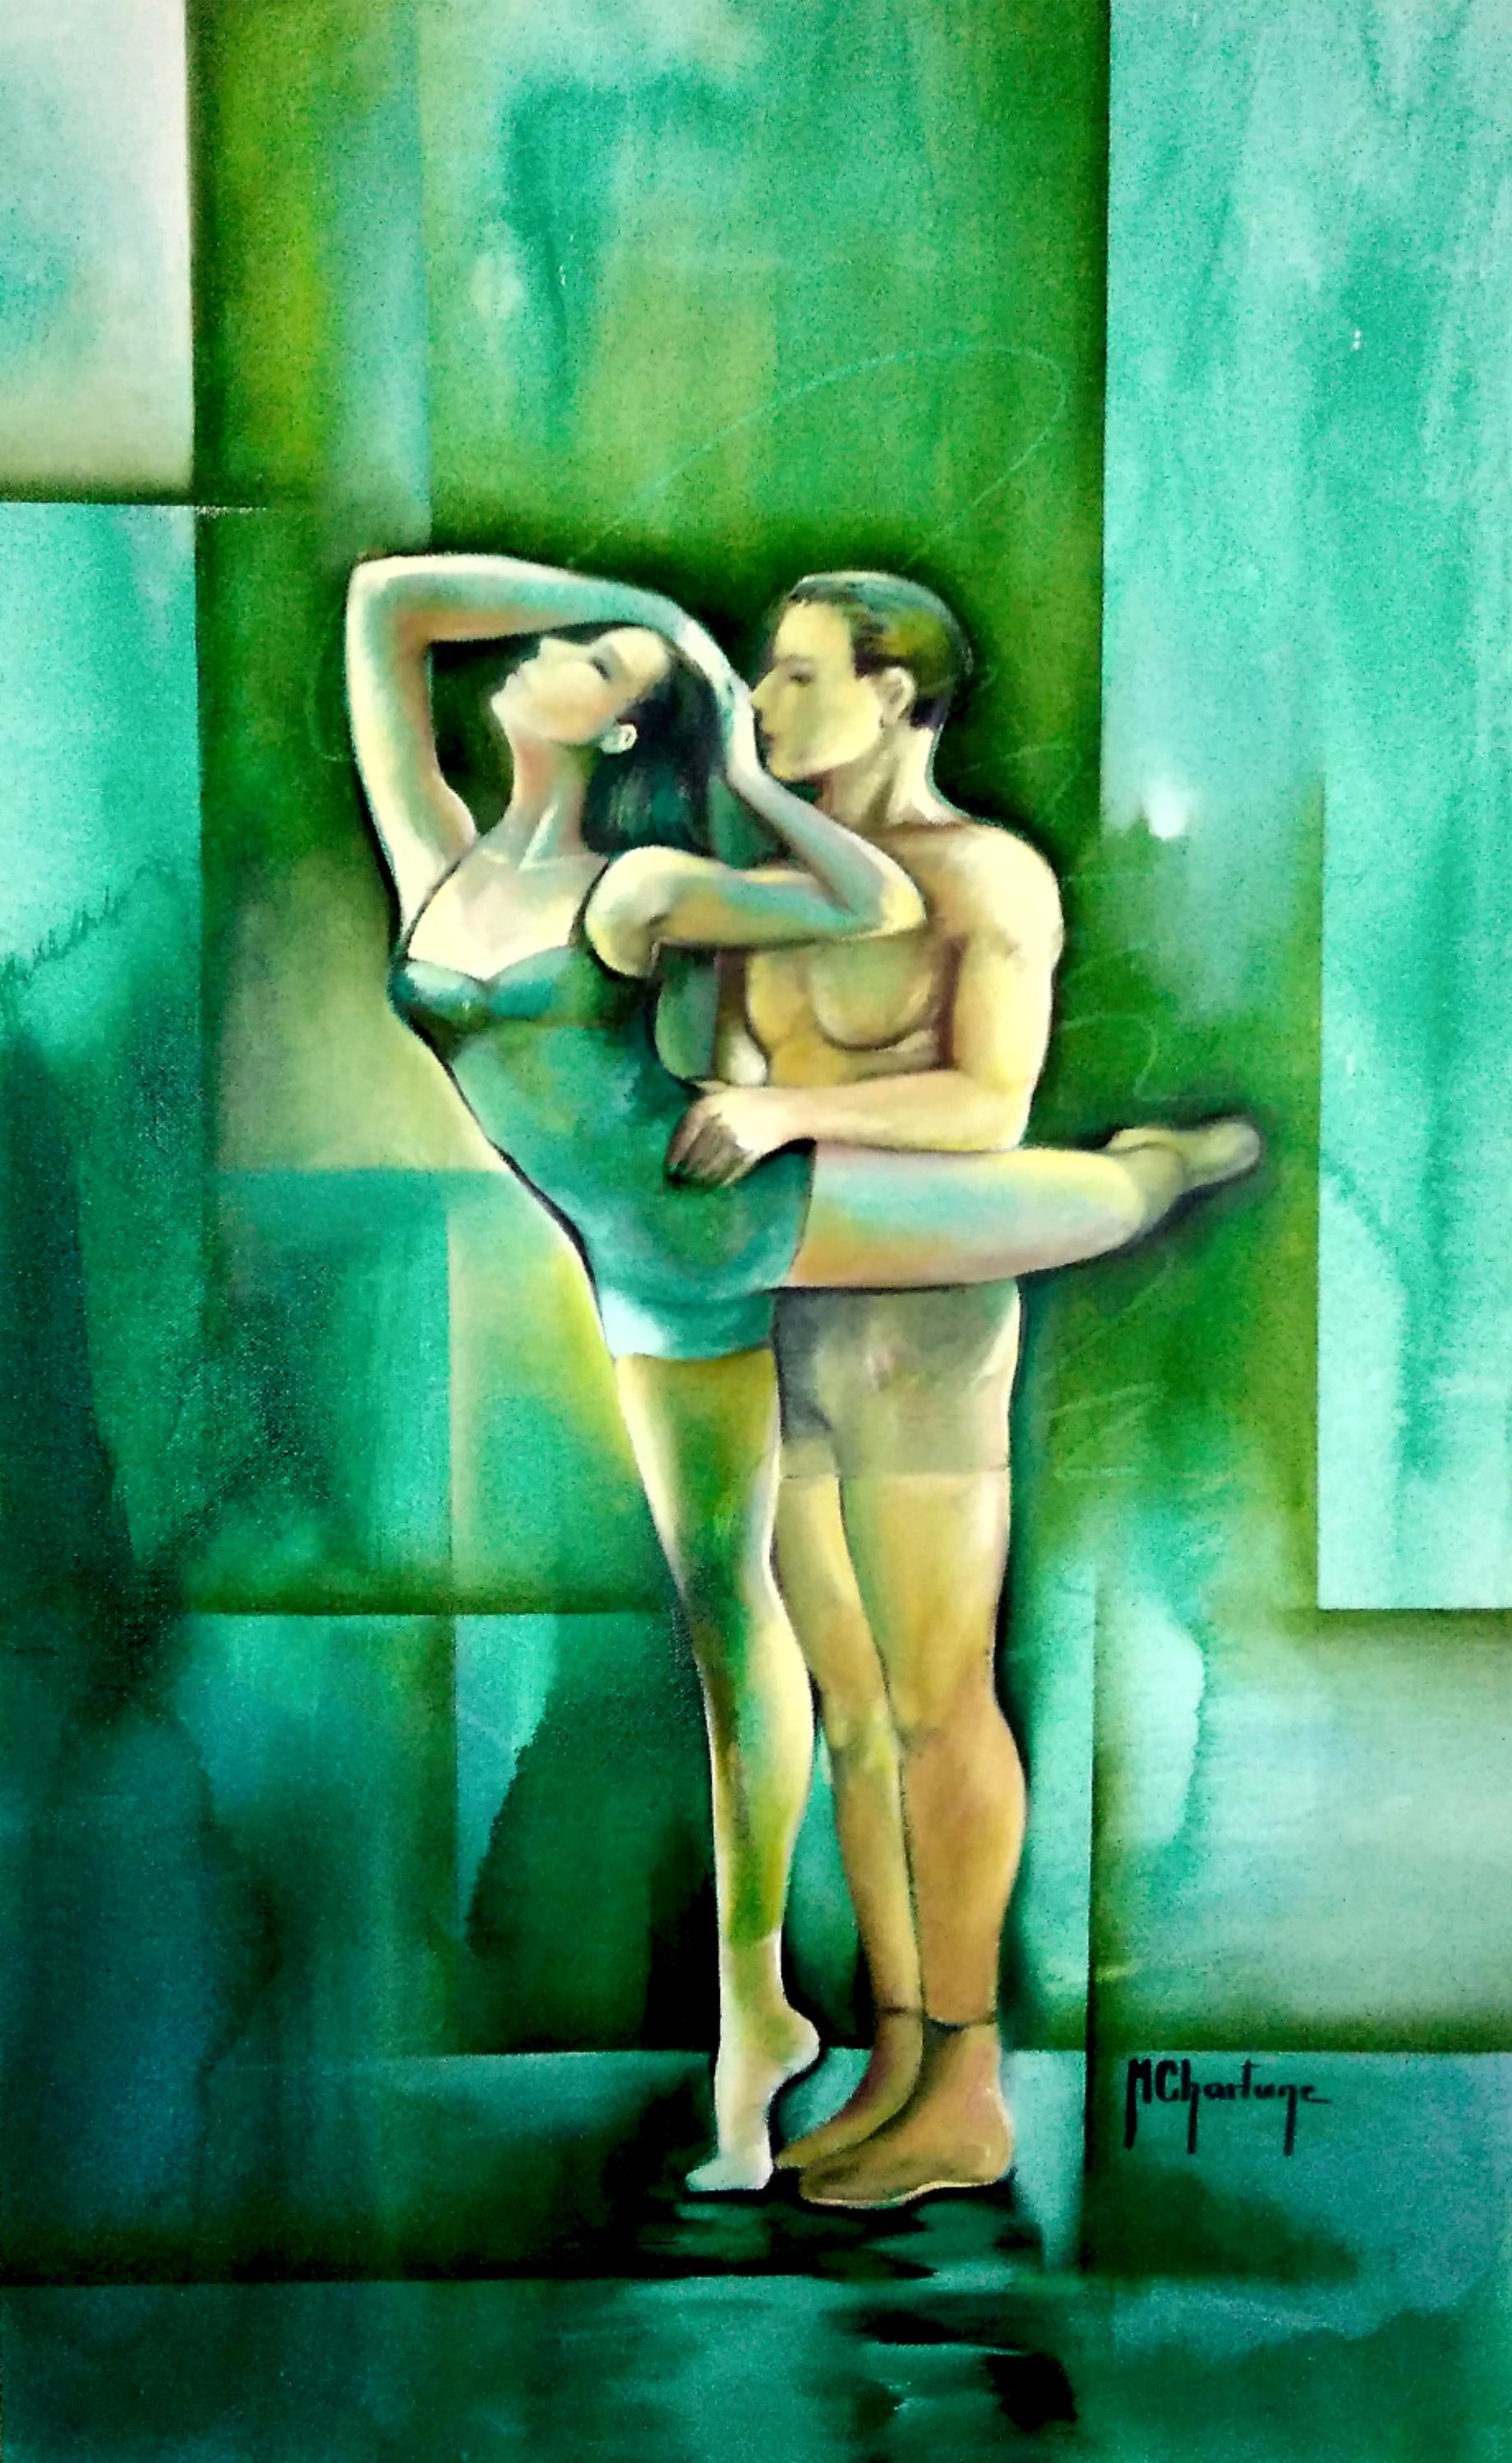 6º Santa Maria em Dança (2000)